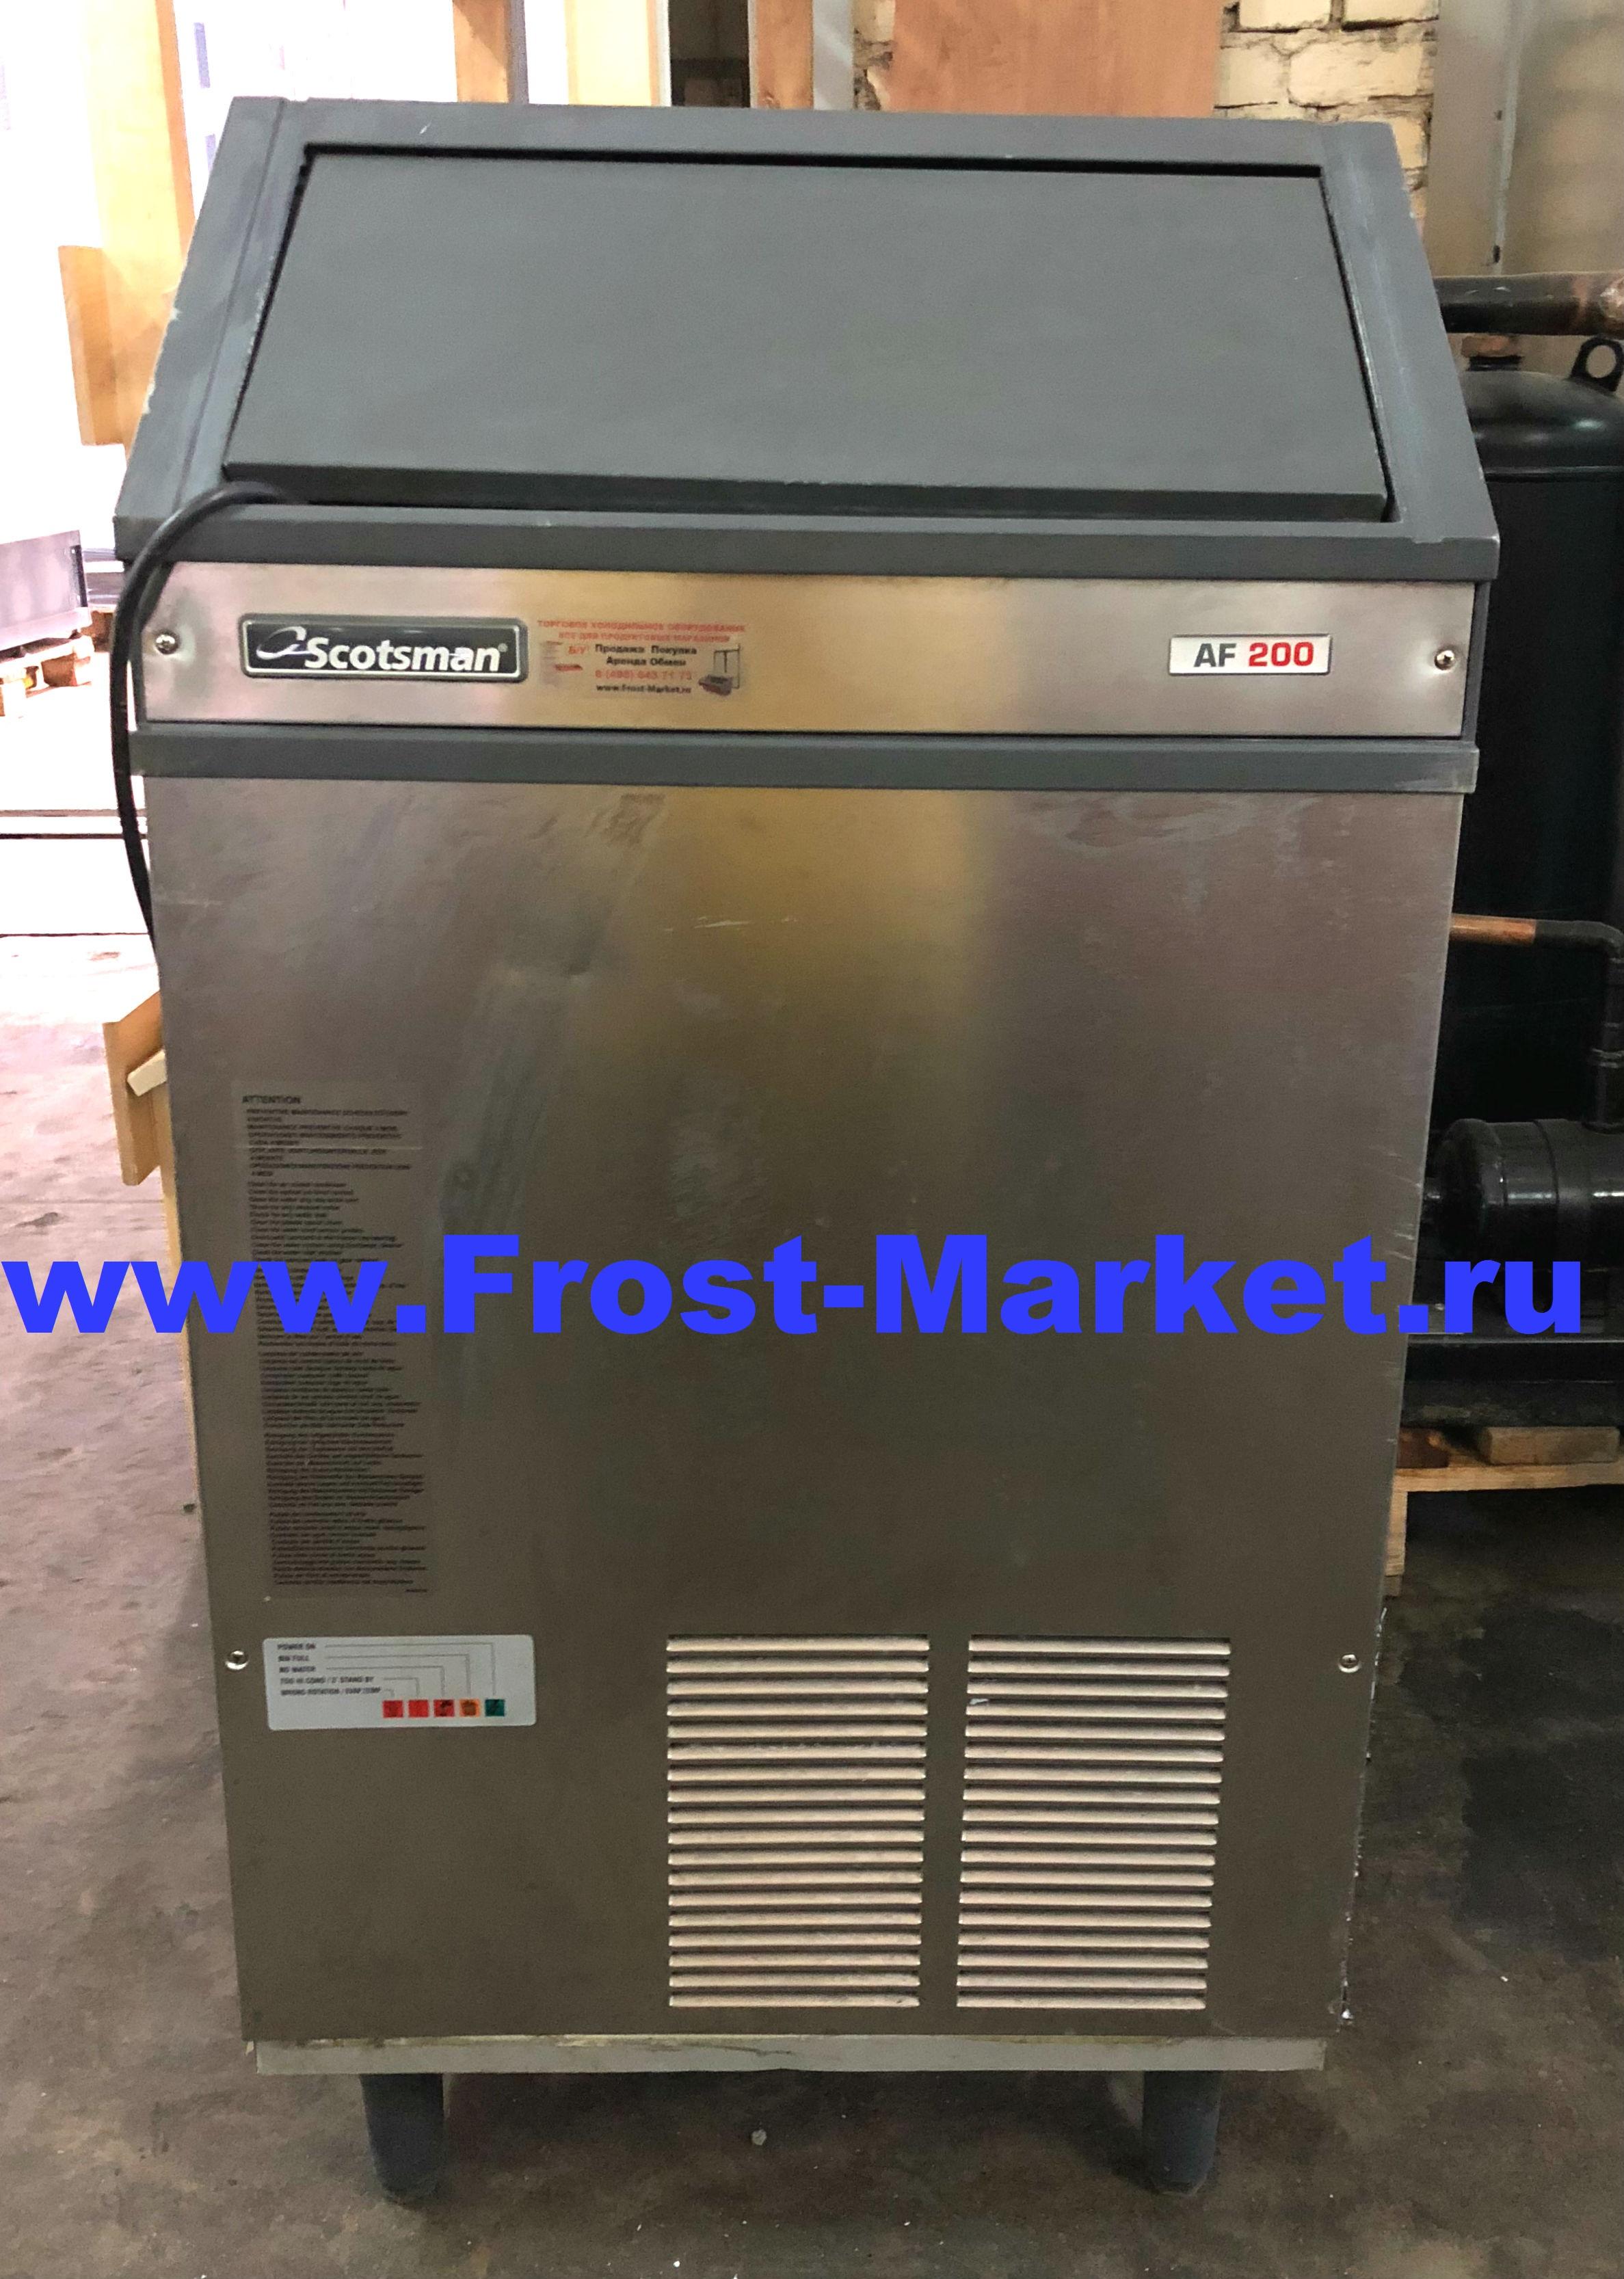 Льдогенератор б у Scotsman (FRIMONT) AF 200 AS